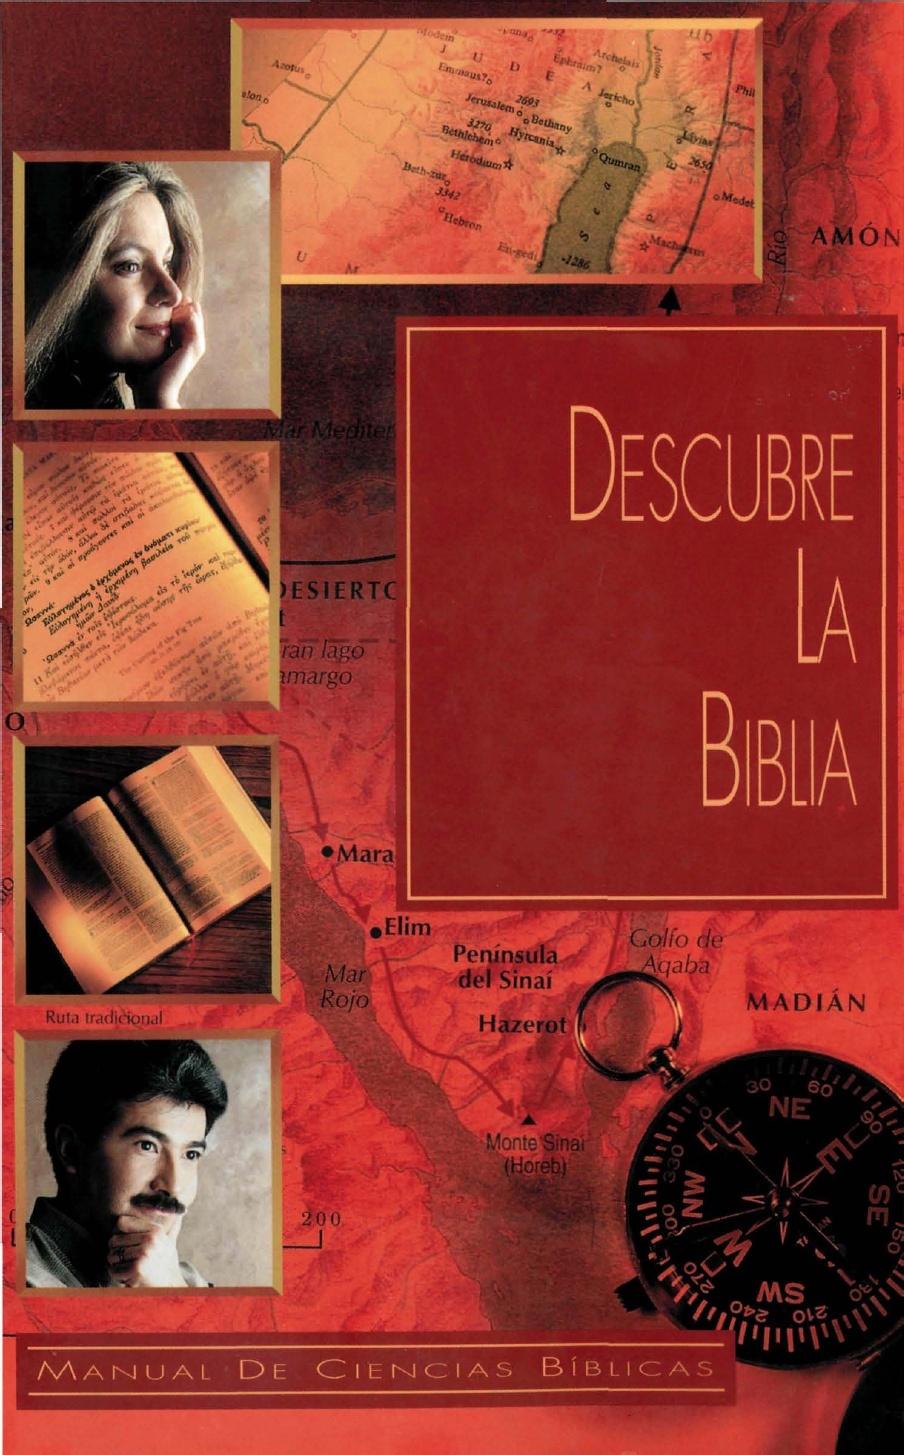 Descubre la biblia edesio sanchez